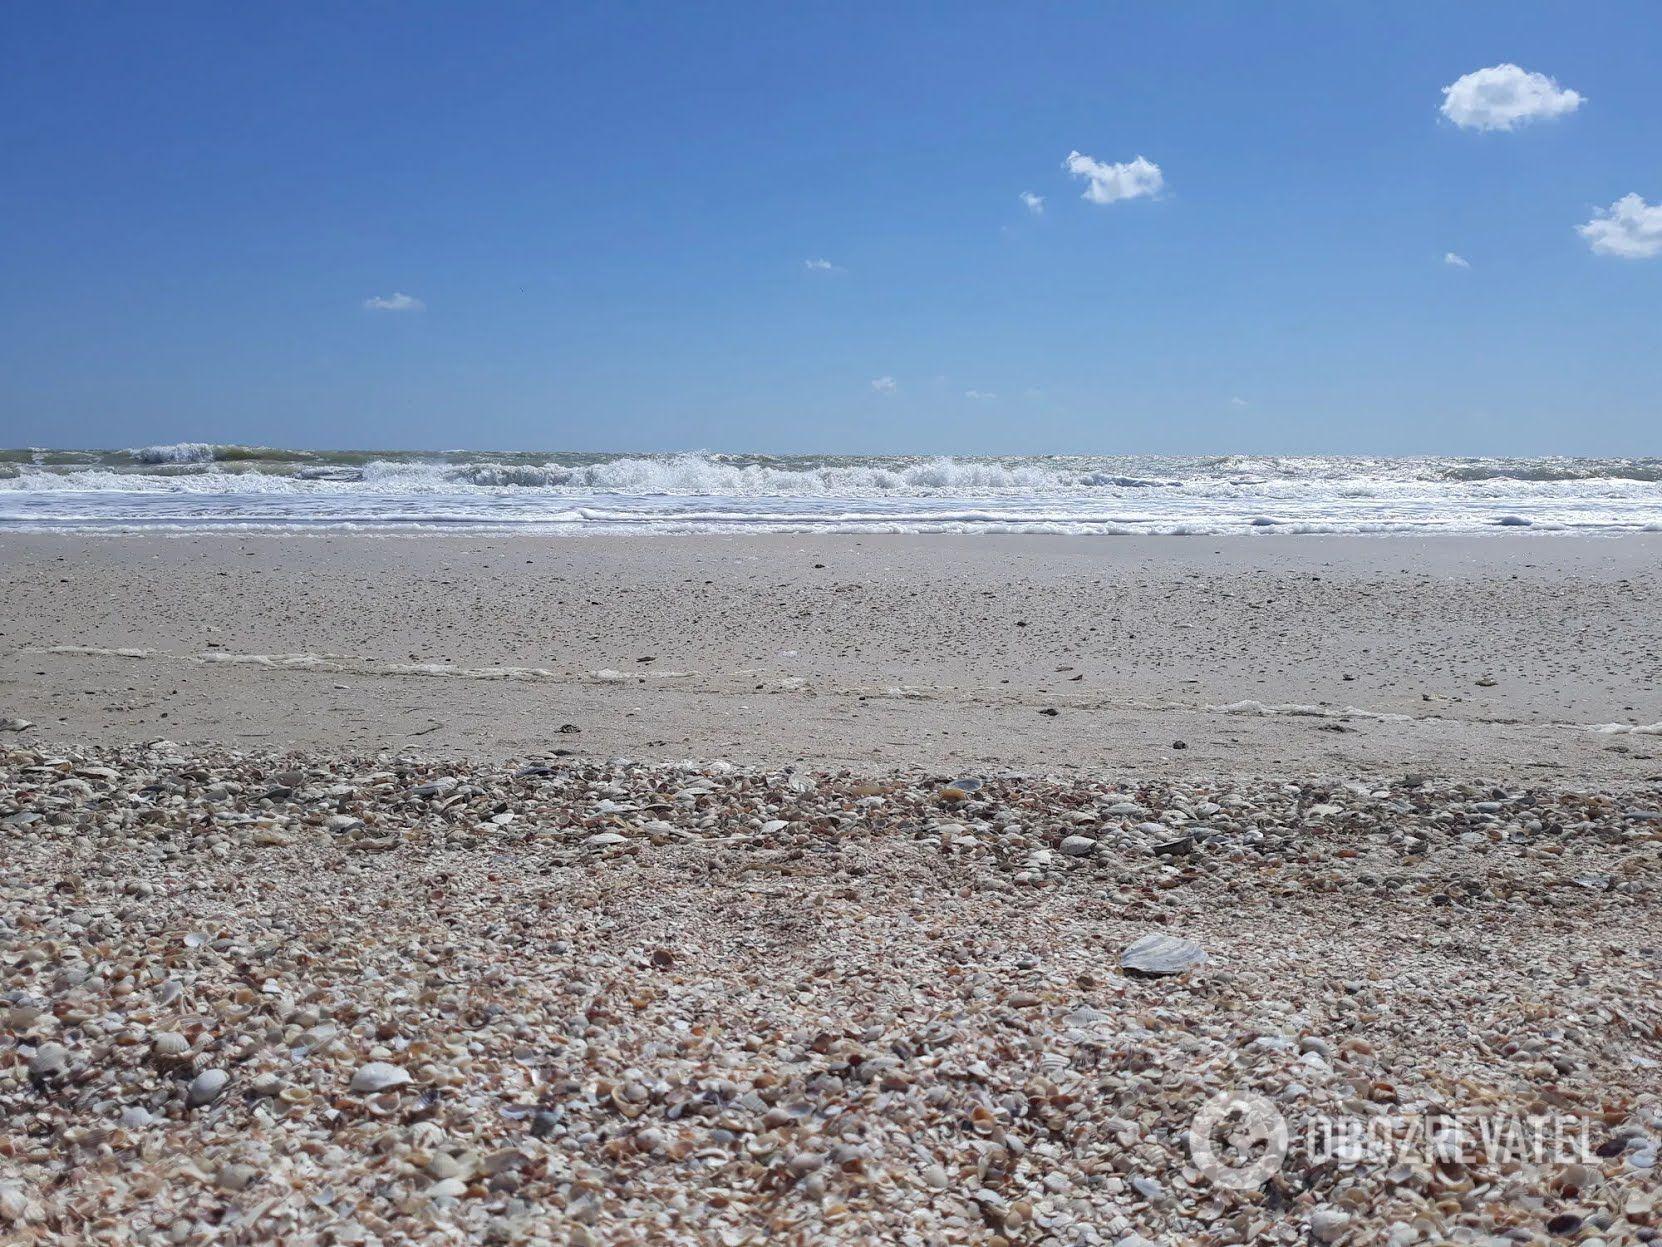 Лебедівка, Рибаківка, Курортне, Миколаївка, Катранка і Вапнярка славляться своїми чистими широкими і безлюдними пляжами